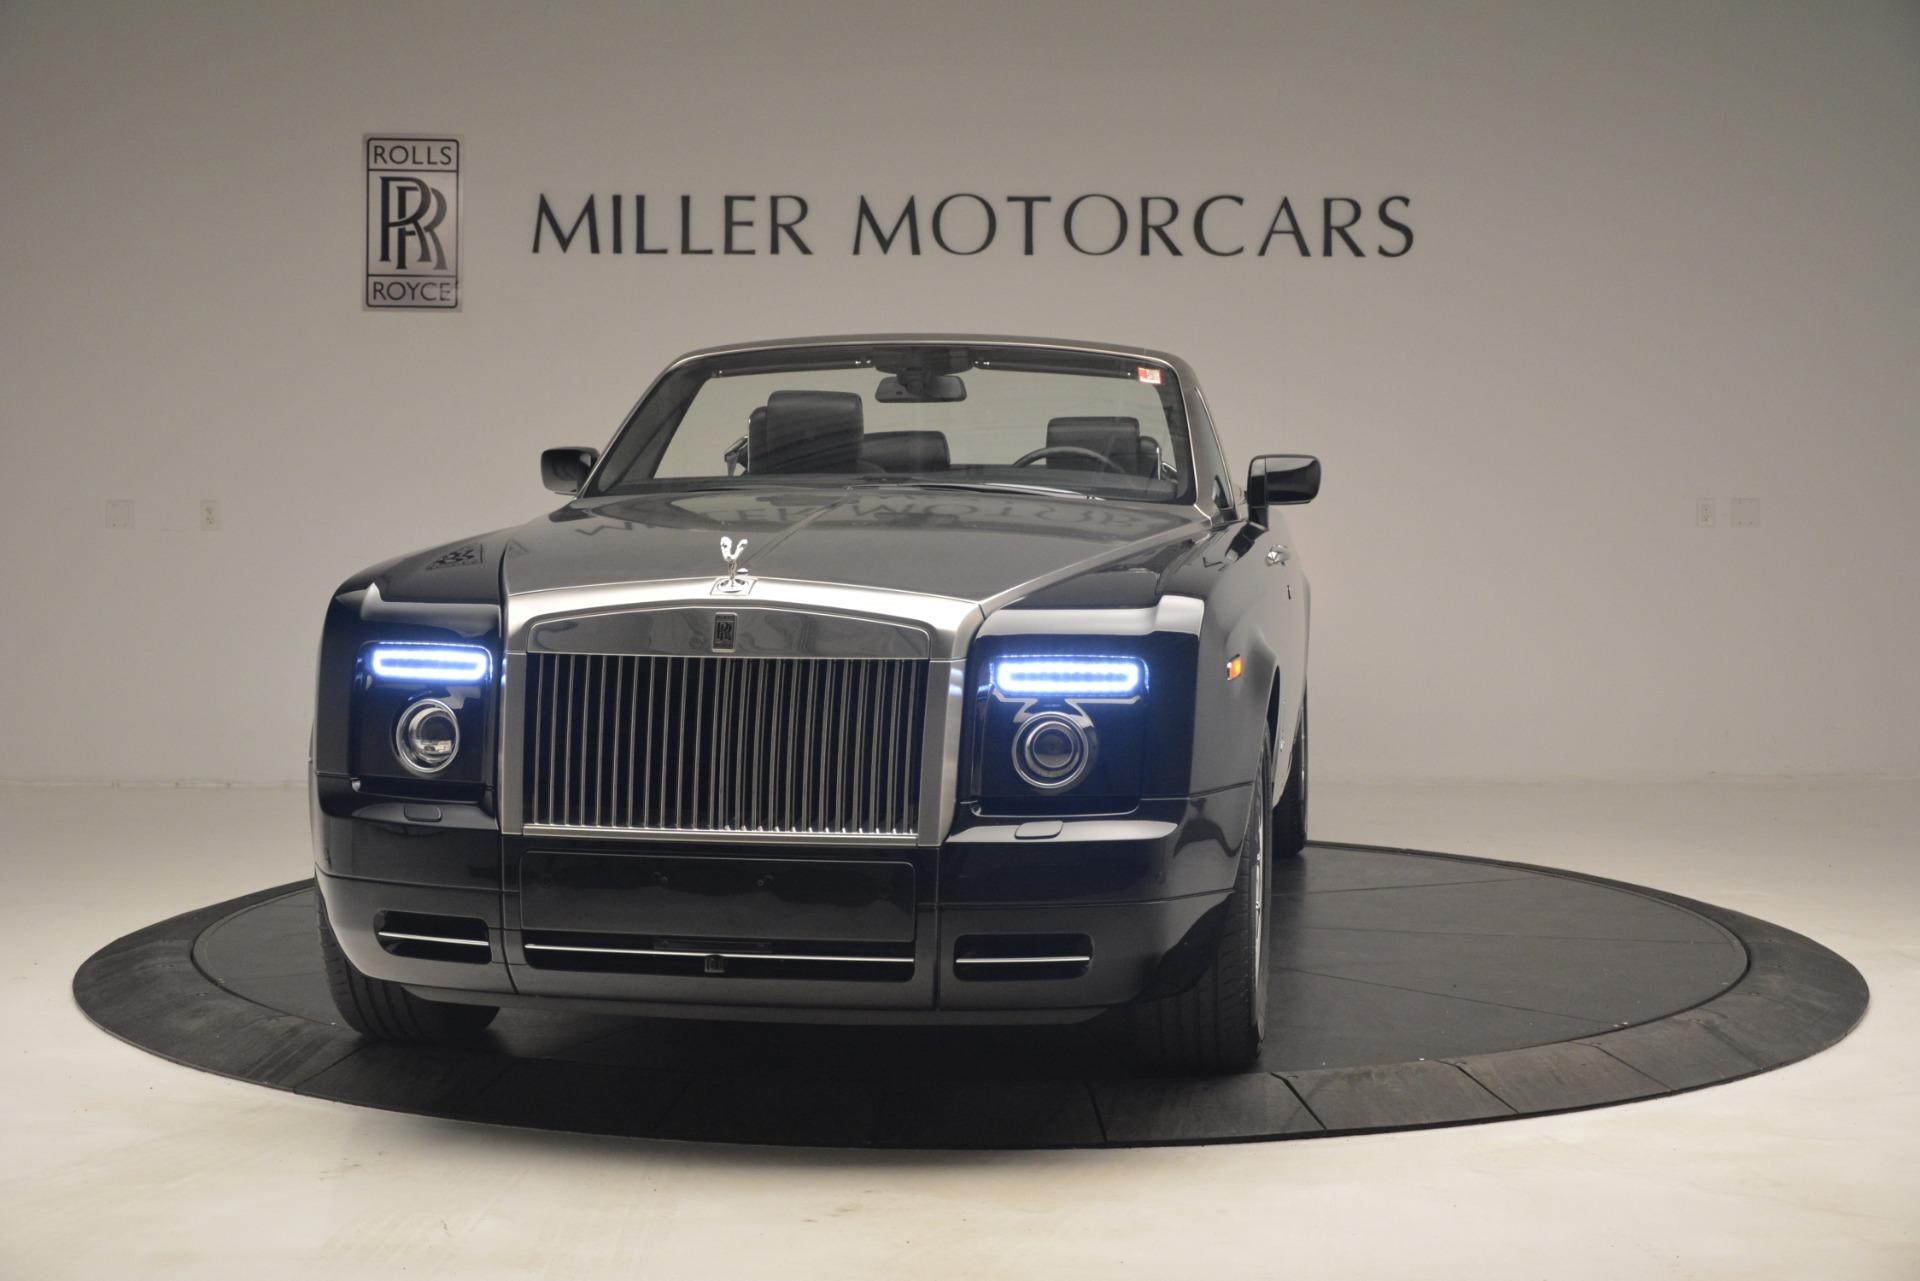 Used 2008 Rolls-Royce Phantom Drophead Coupe  For Sale In Westport, CT 3000_p2